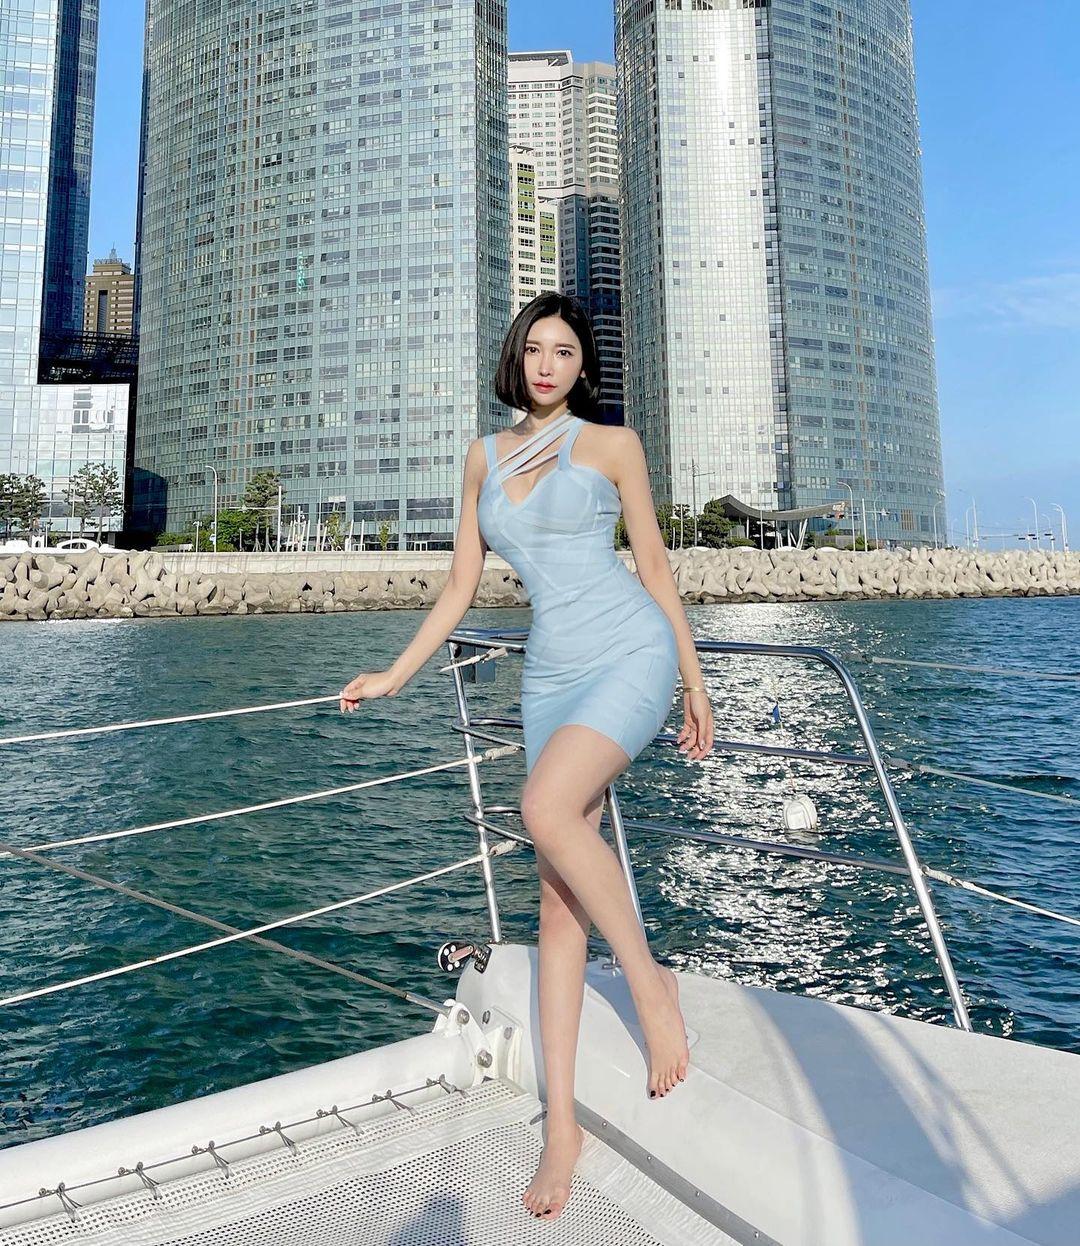 韩国高人气网红短发甜姐儿Hyejjin,泳衣加码放送美腿-新图包